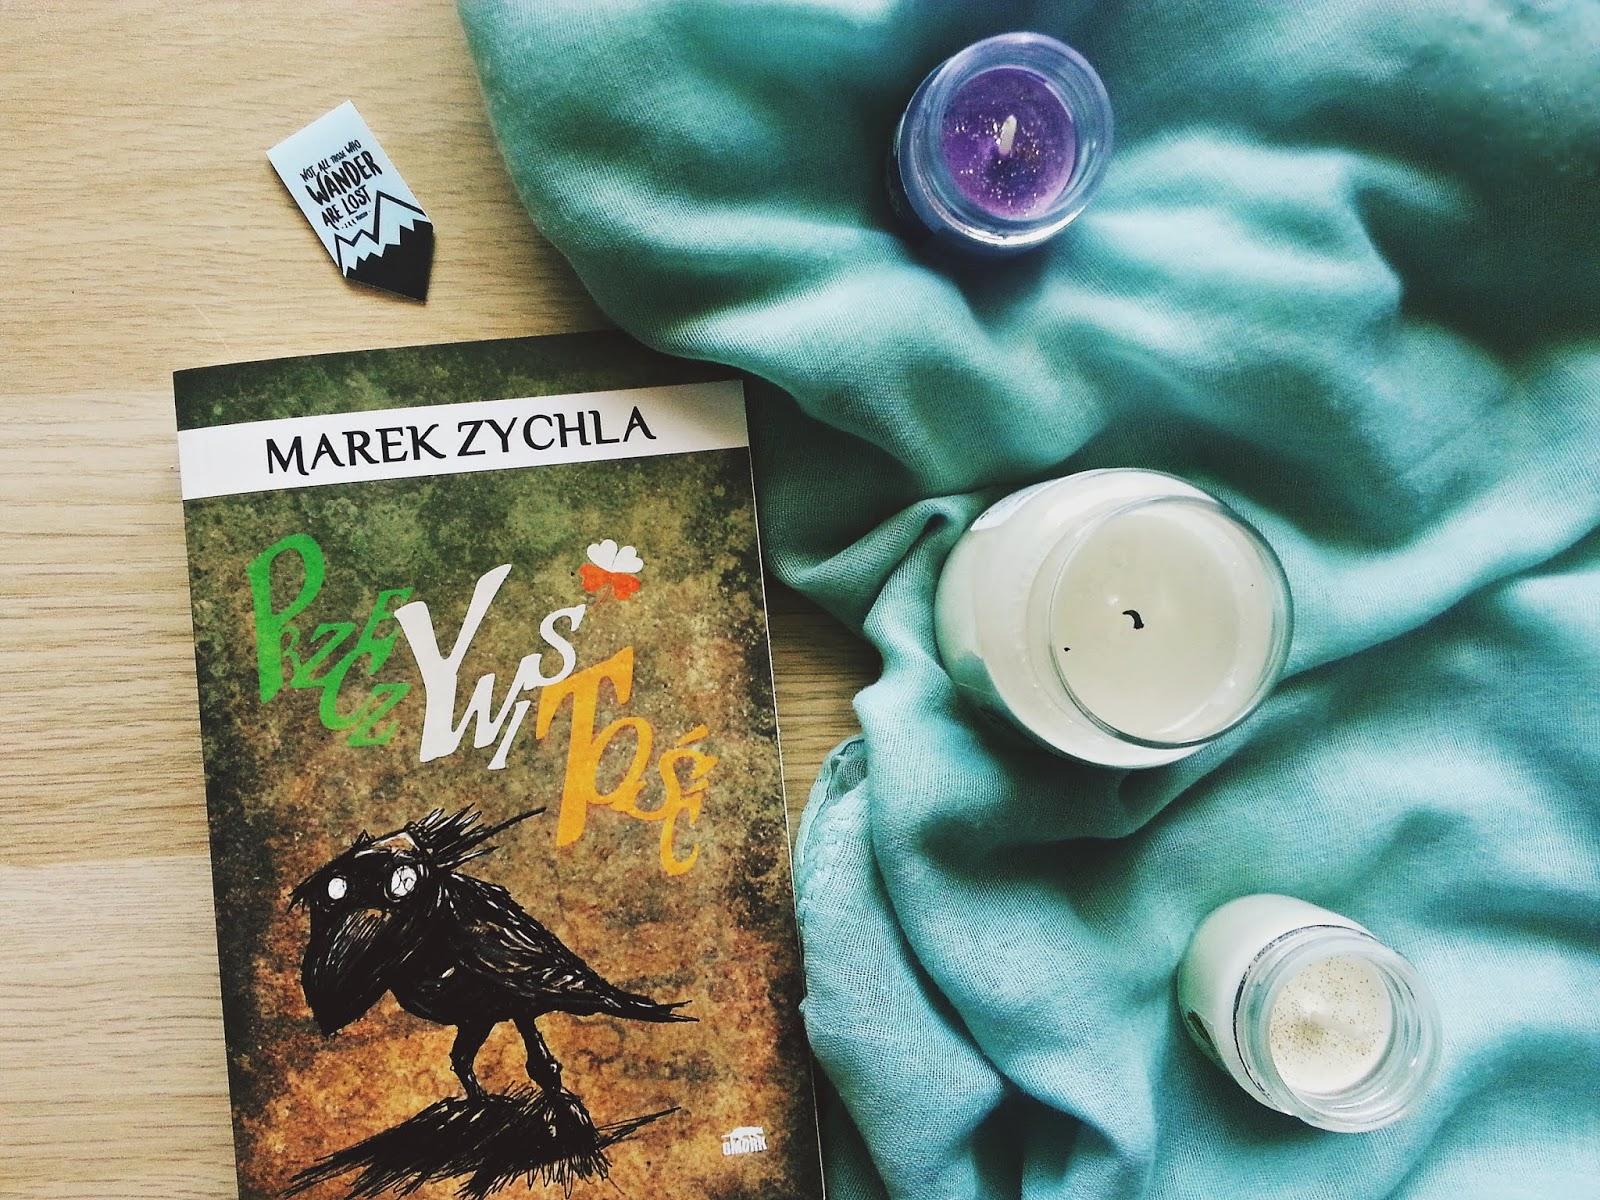 Przeczywistość, Marek Zychla, Wydawnictwo GMORK, recenzja, książka, horror